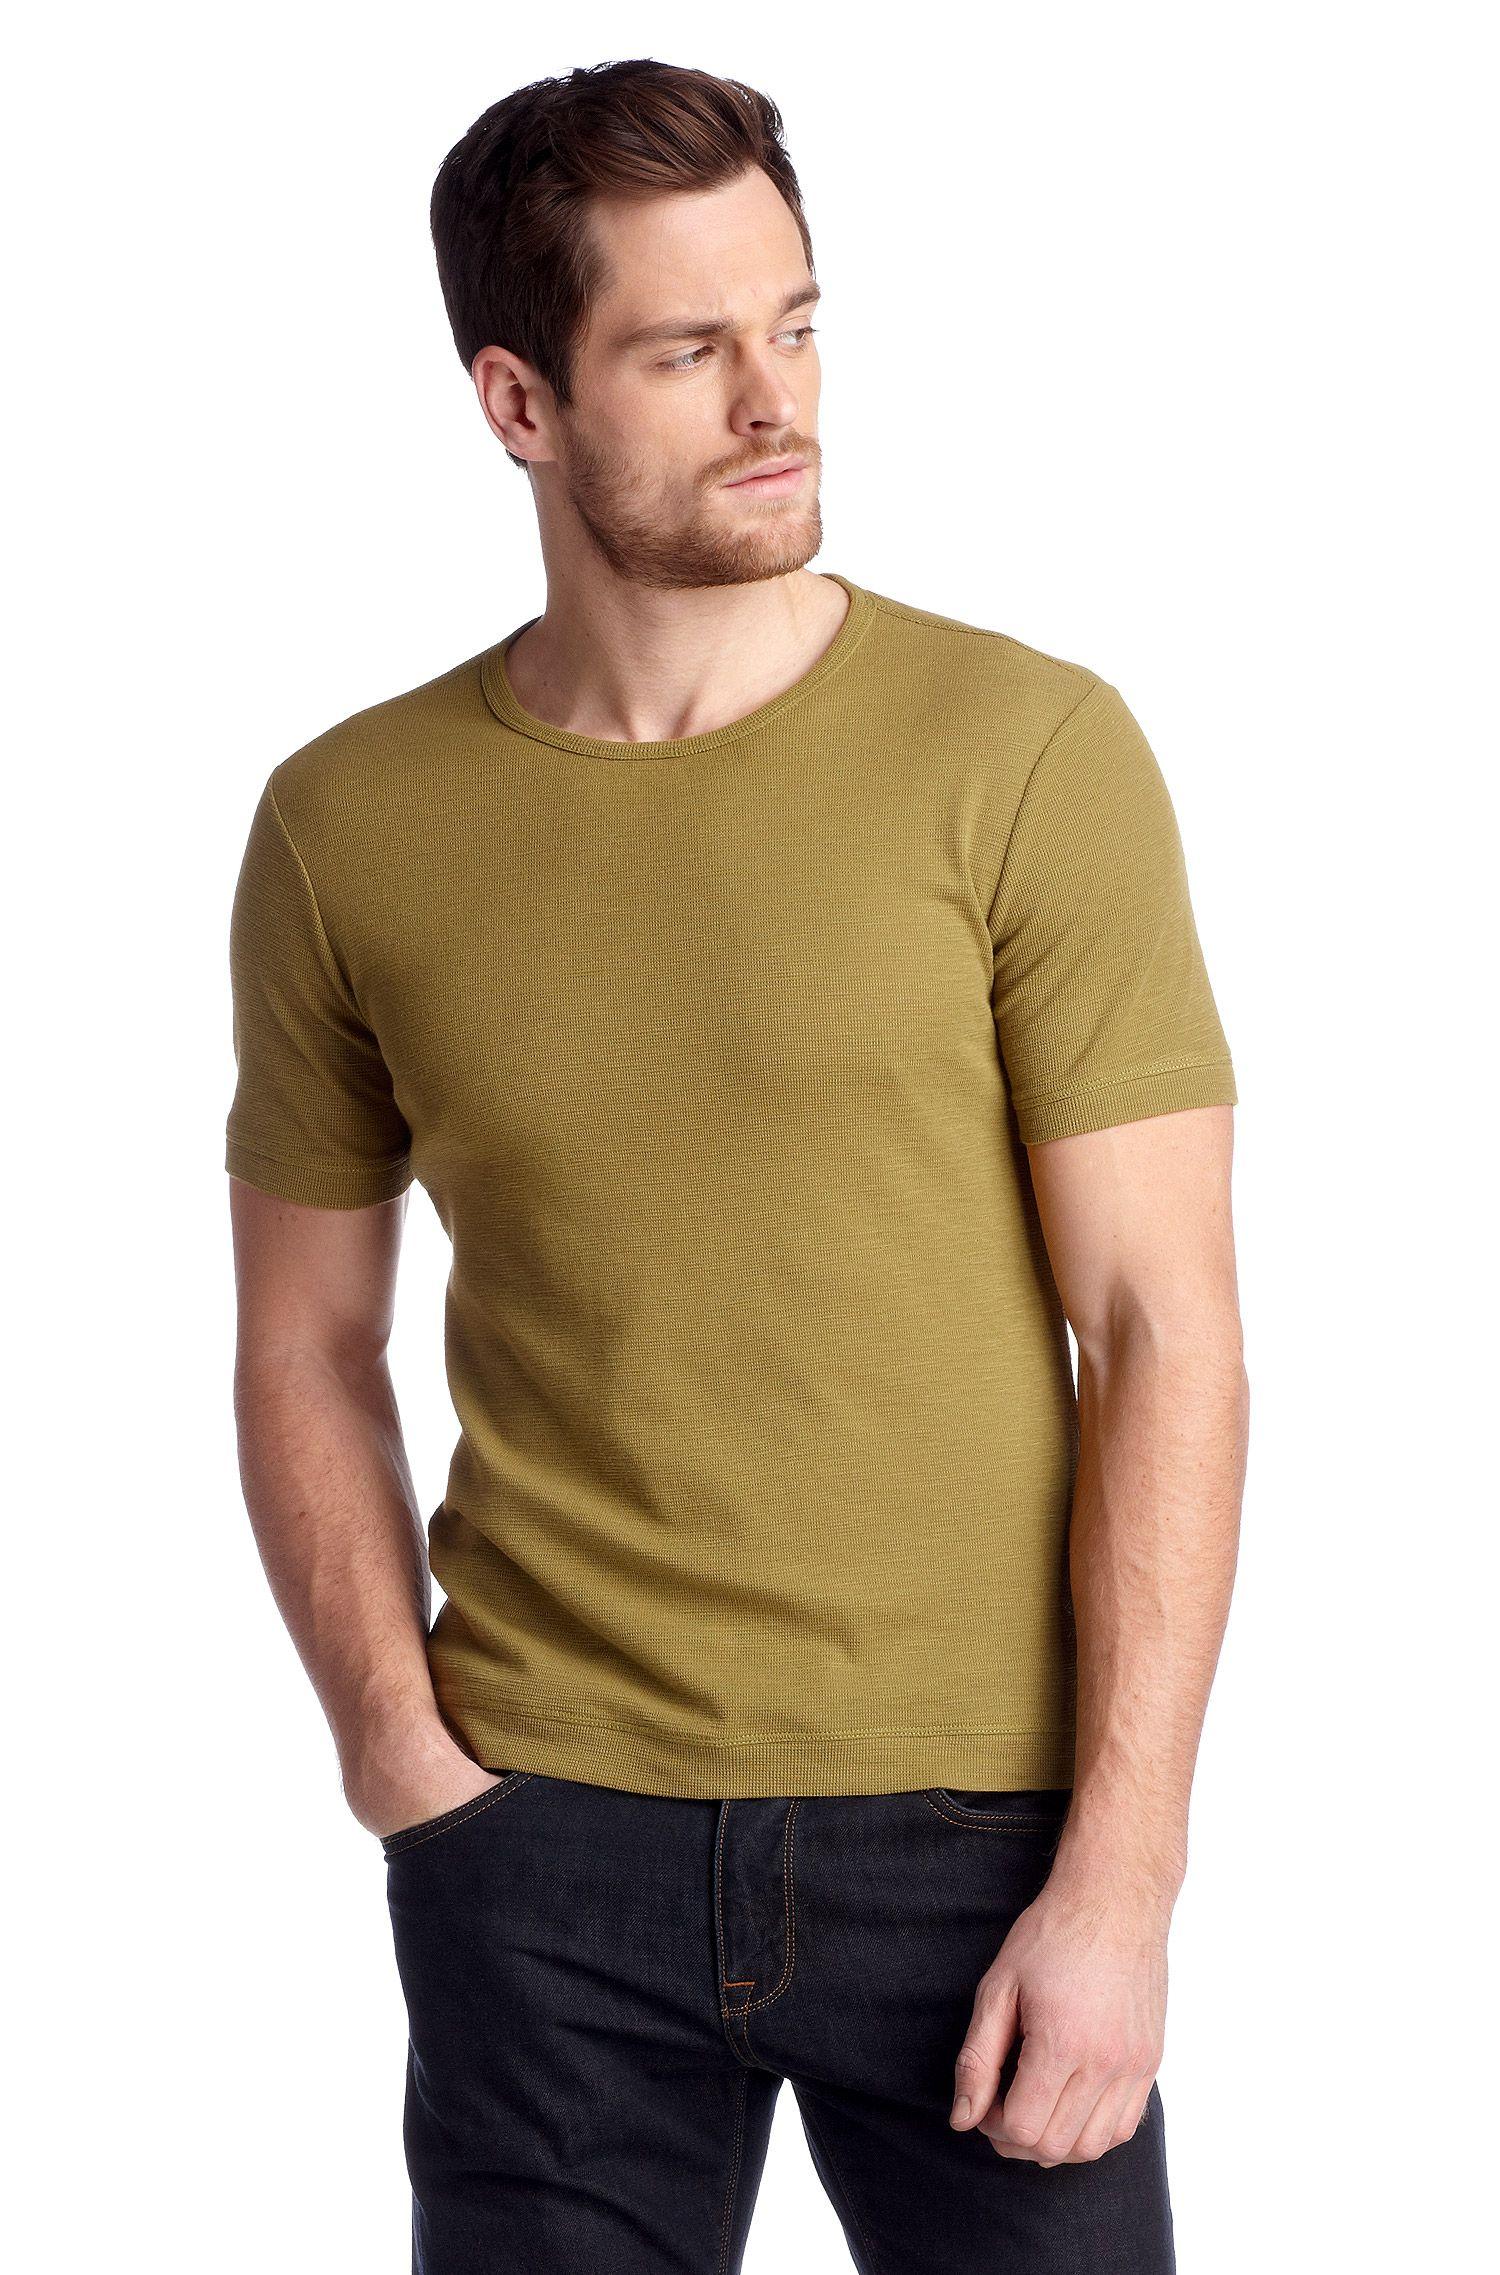 Slim-Fit Strickshirt ´Lecco` mit Rundhals-Ausschnitt